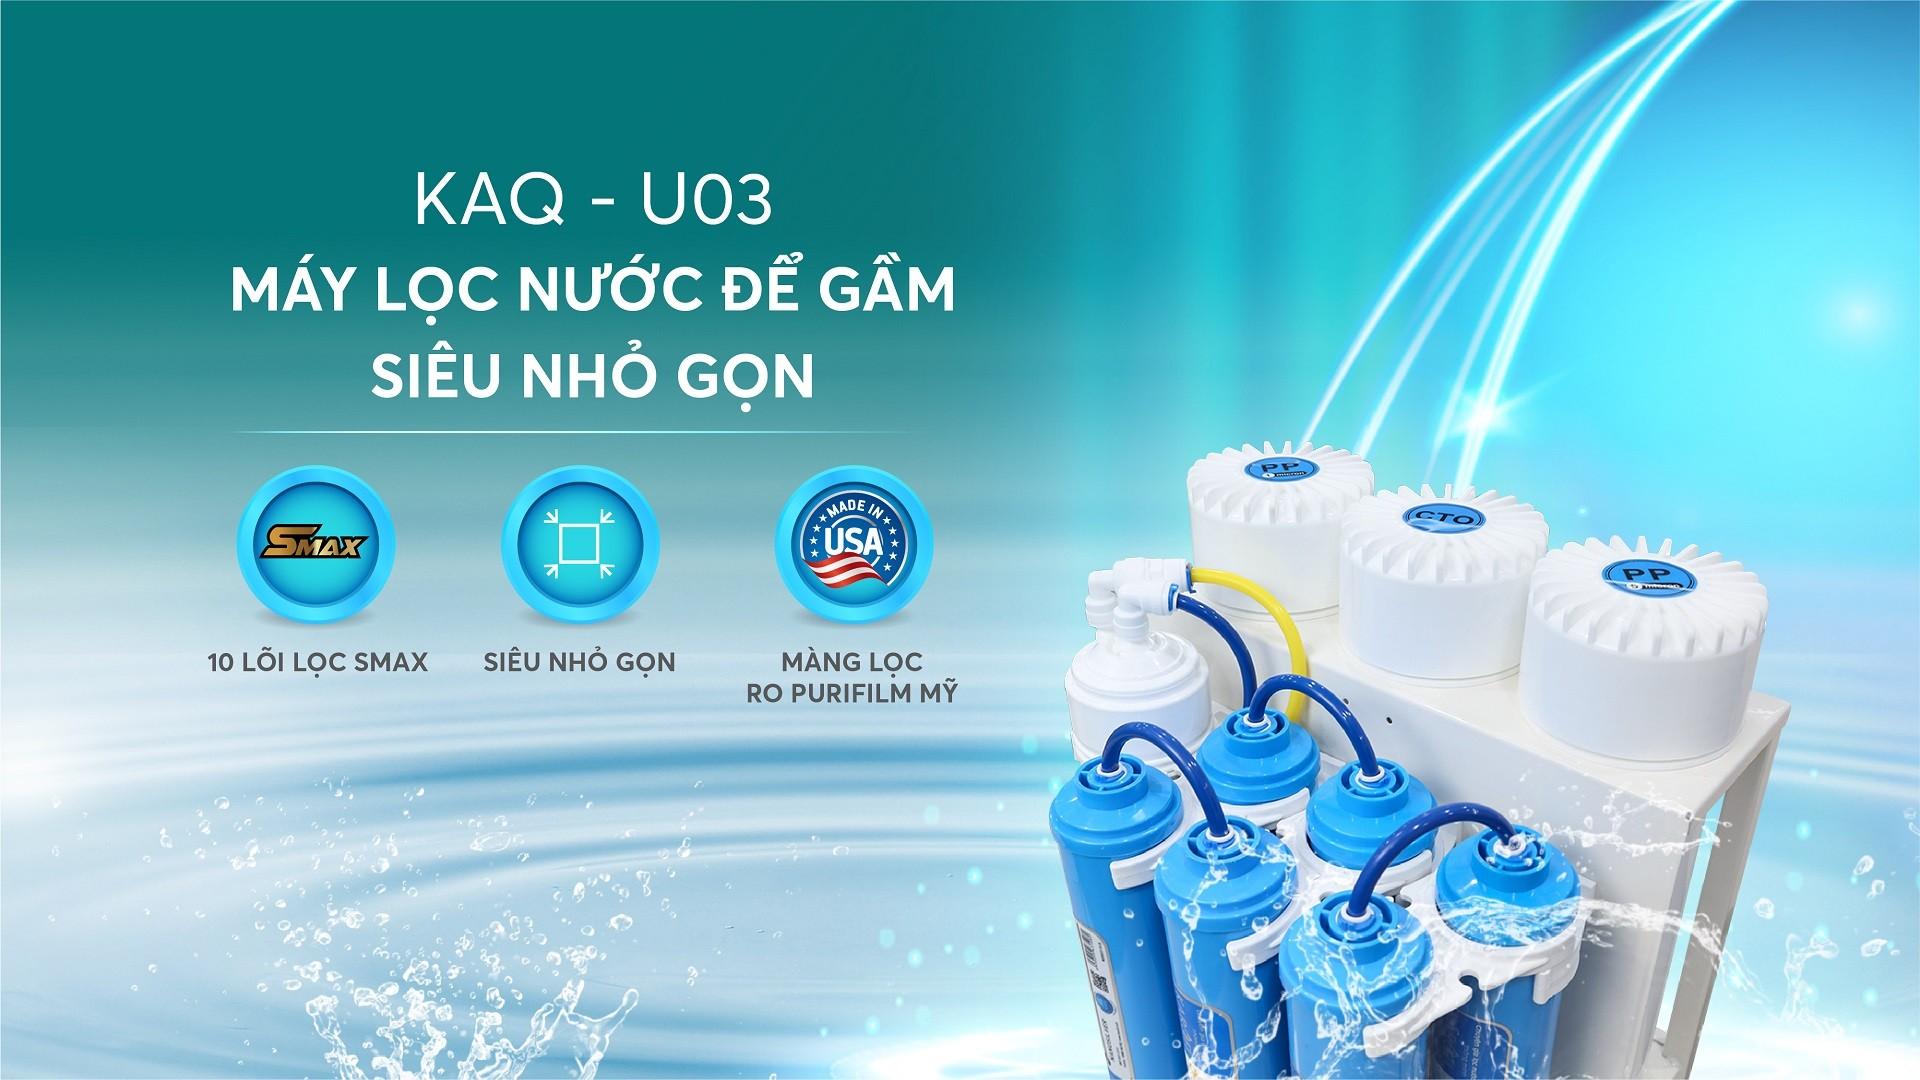 máy lọc nước karofi KAQ-U03 mới nhất 2021